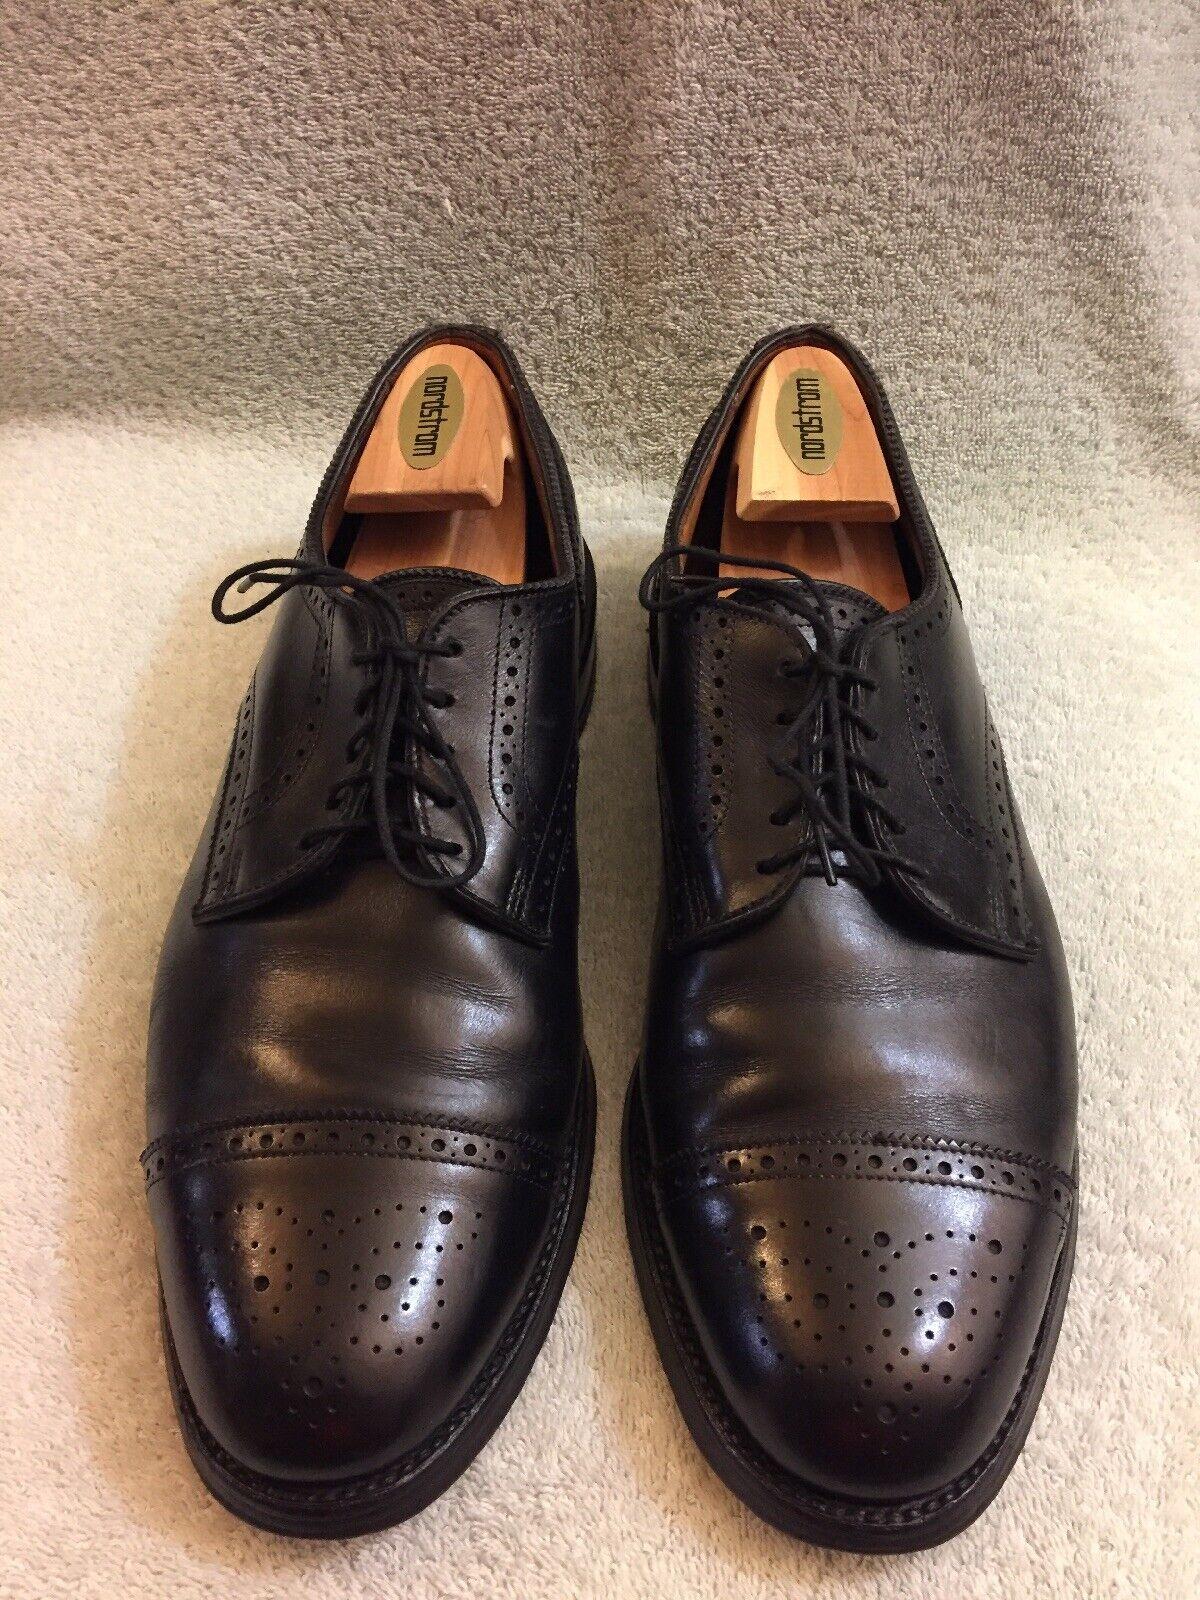 Allen Edmonds Lexington Black Leather Cap Toe Wingtip Men's Dress shoes Sz 11 D